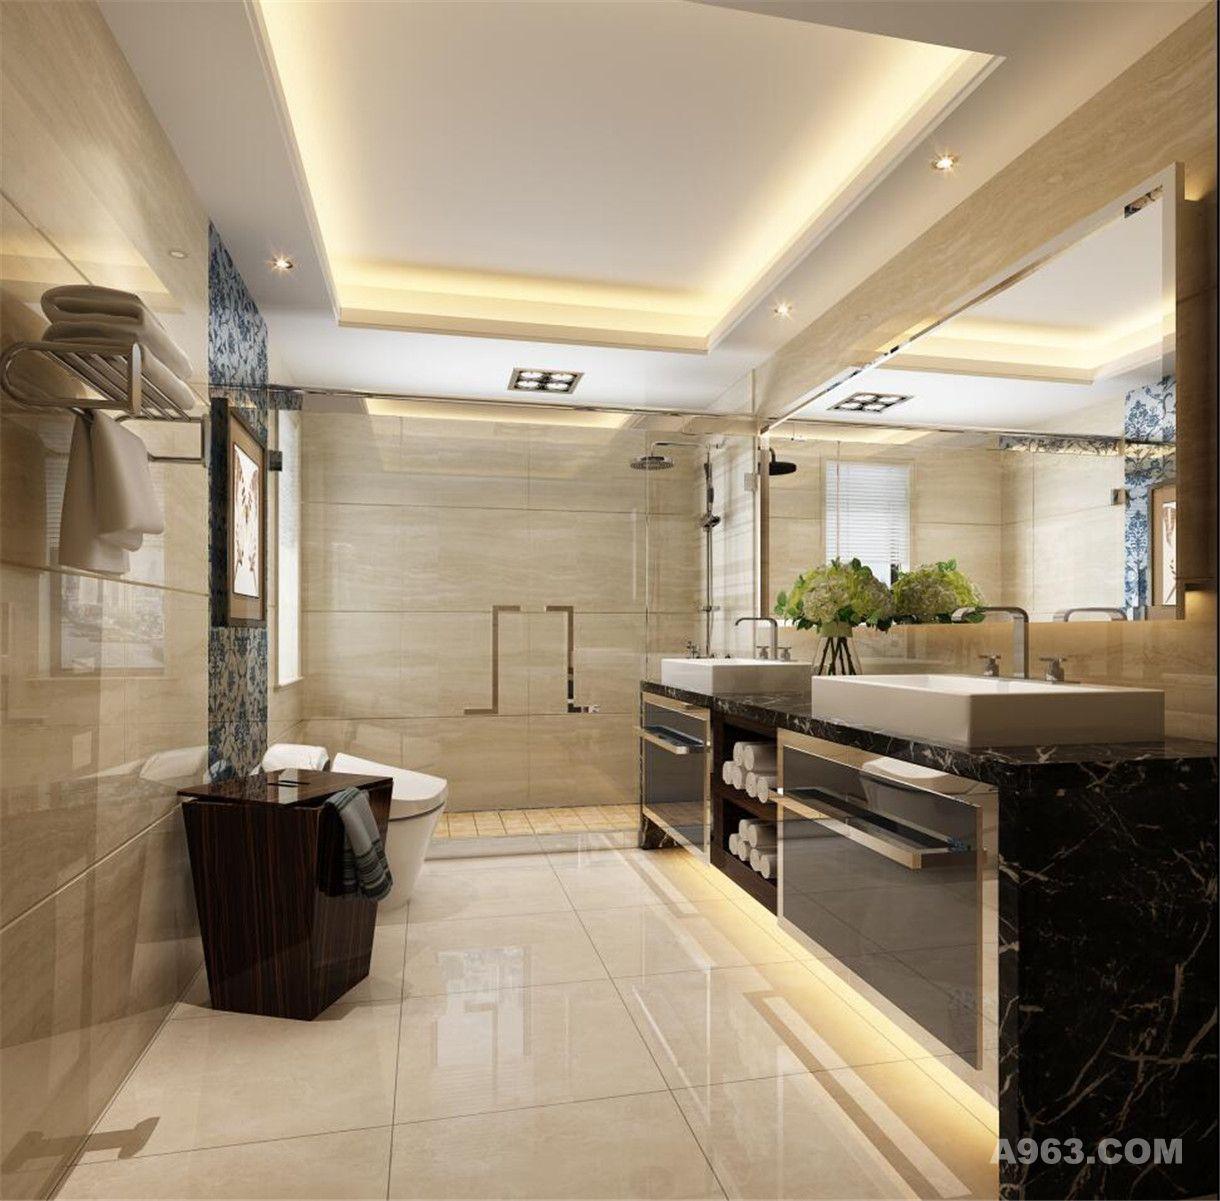 高桥新城别墅装修欧美风格设计方案展示说明